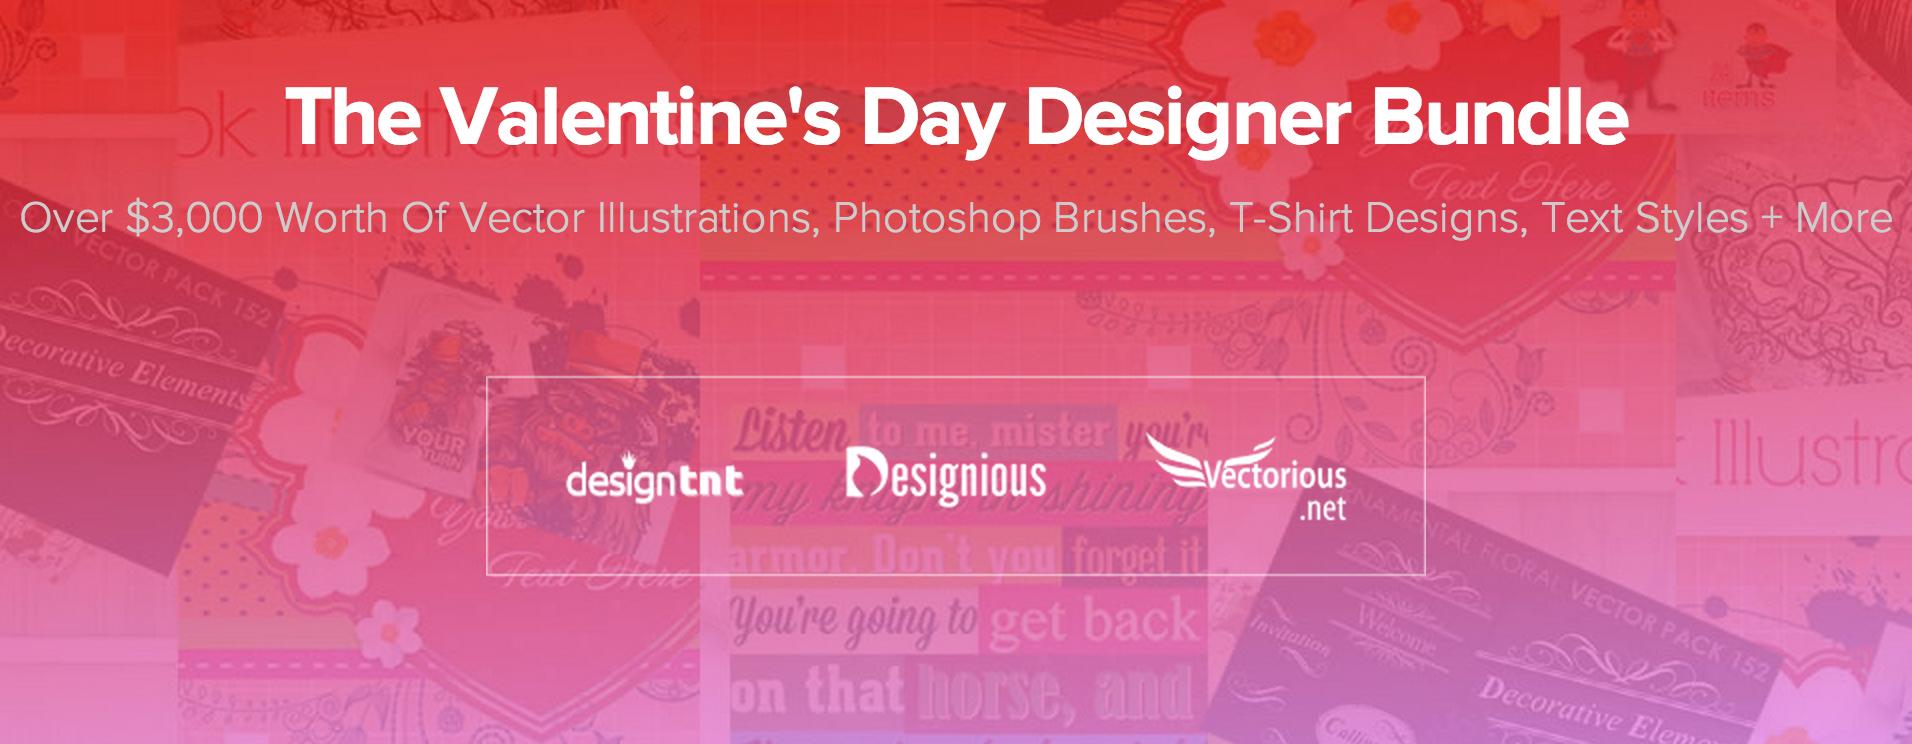 Valentine's Day Designer Bundle: 3000$ di elementi grafici a soli 39$